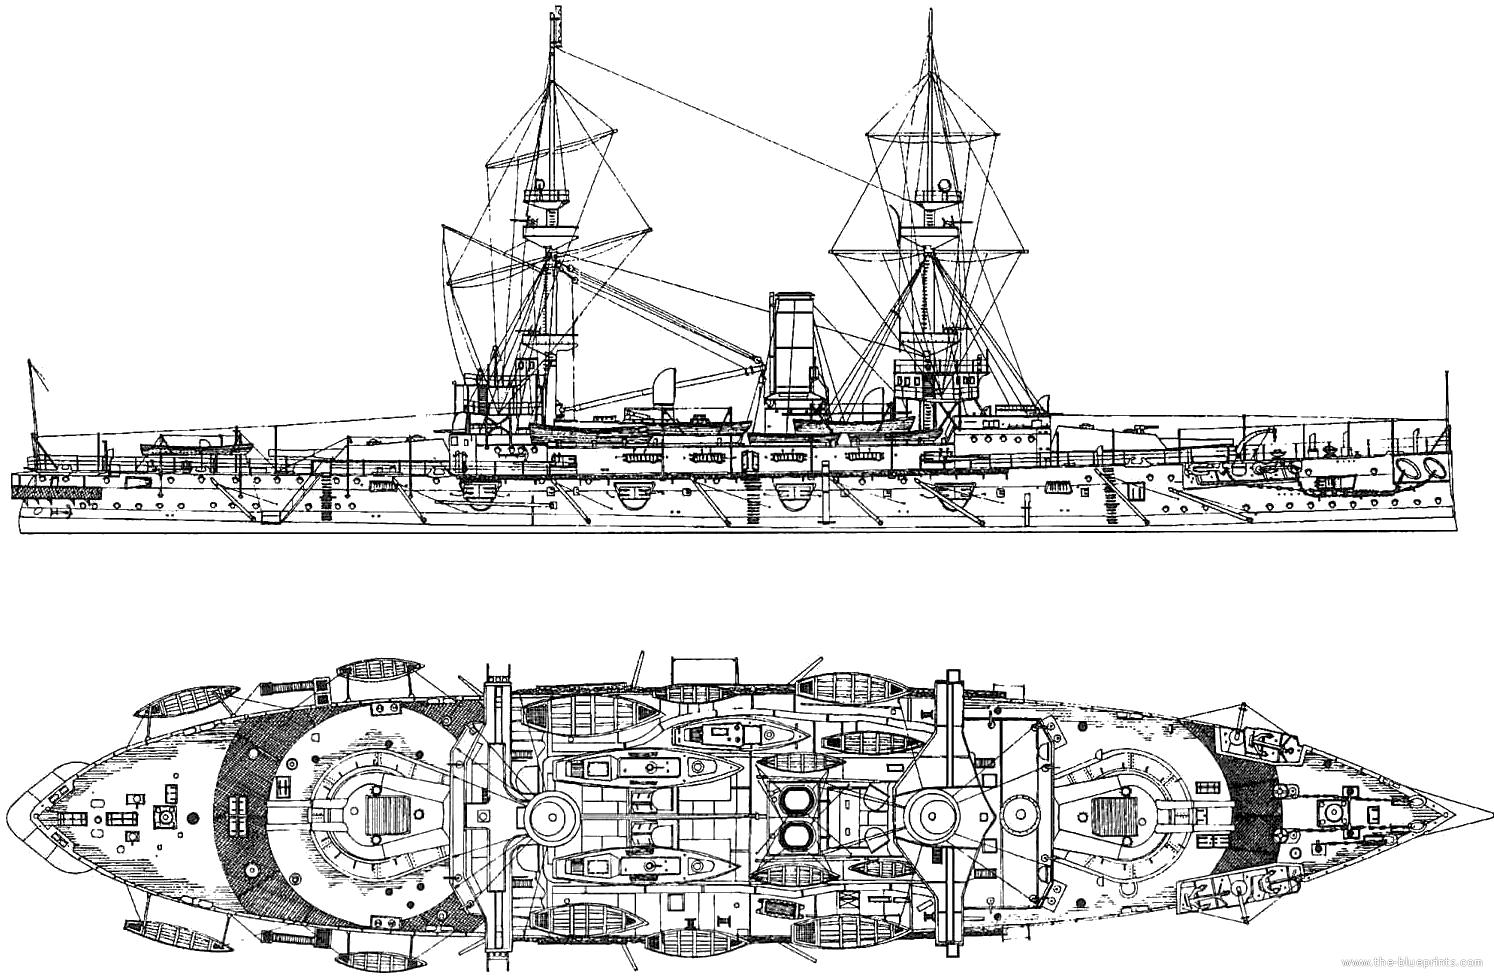 Blueprints > Ships > Battleships (UK) > HMS Majestic